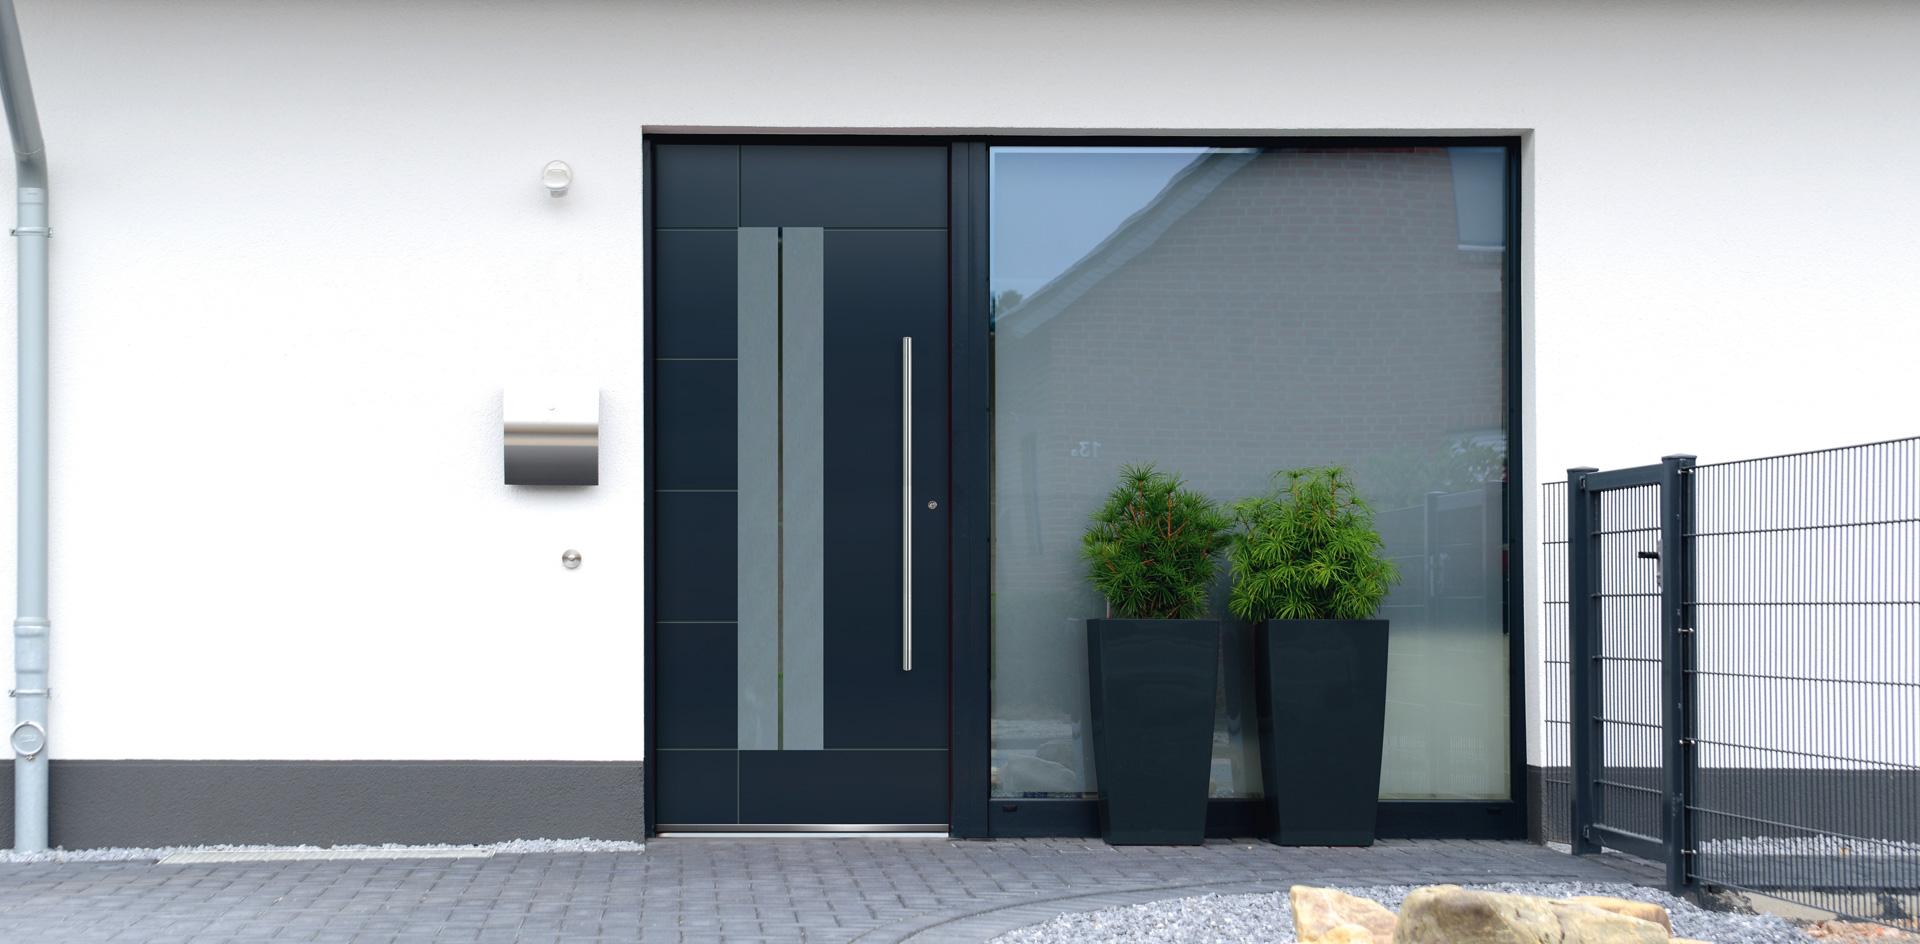 Haustüren mit breitem seitenteil  EXTENDED | HAUSTÜREN MIT AUFSATZFÜLLUNG UND EXKLUSIVER AUSSTATTUNG